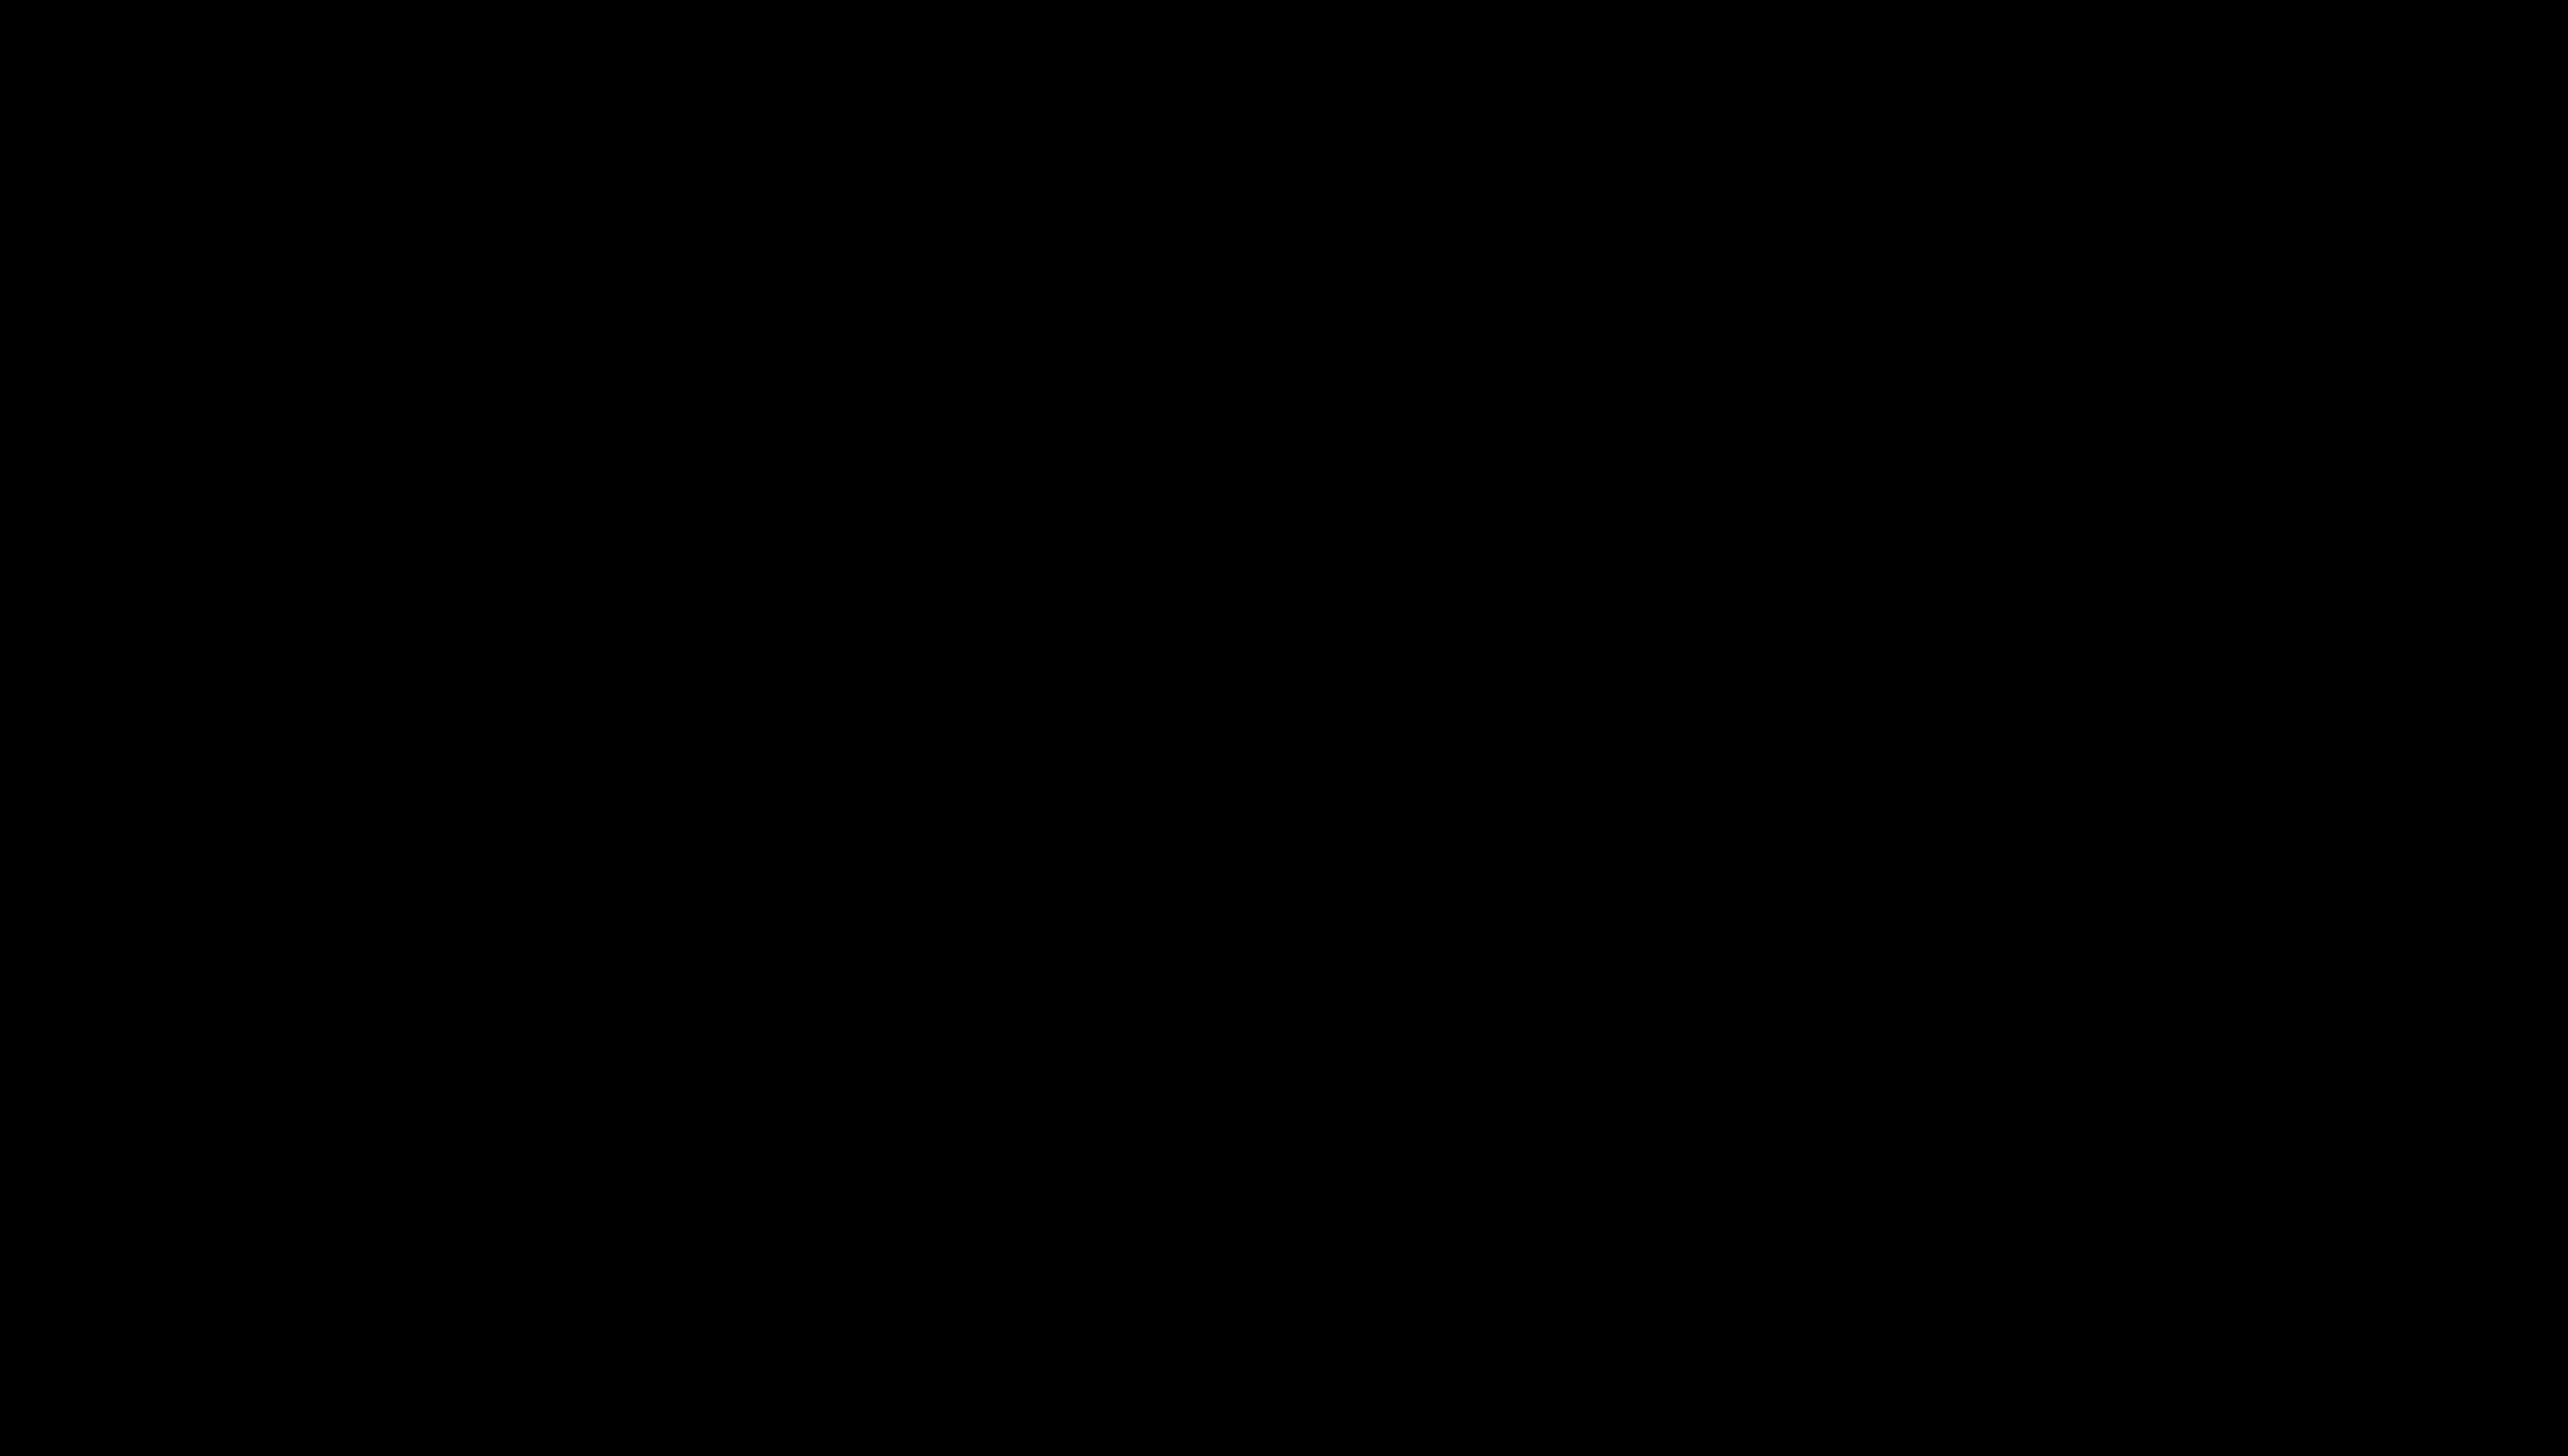 Vidéo : quels sont les ressorts du changement ?